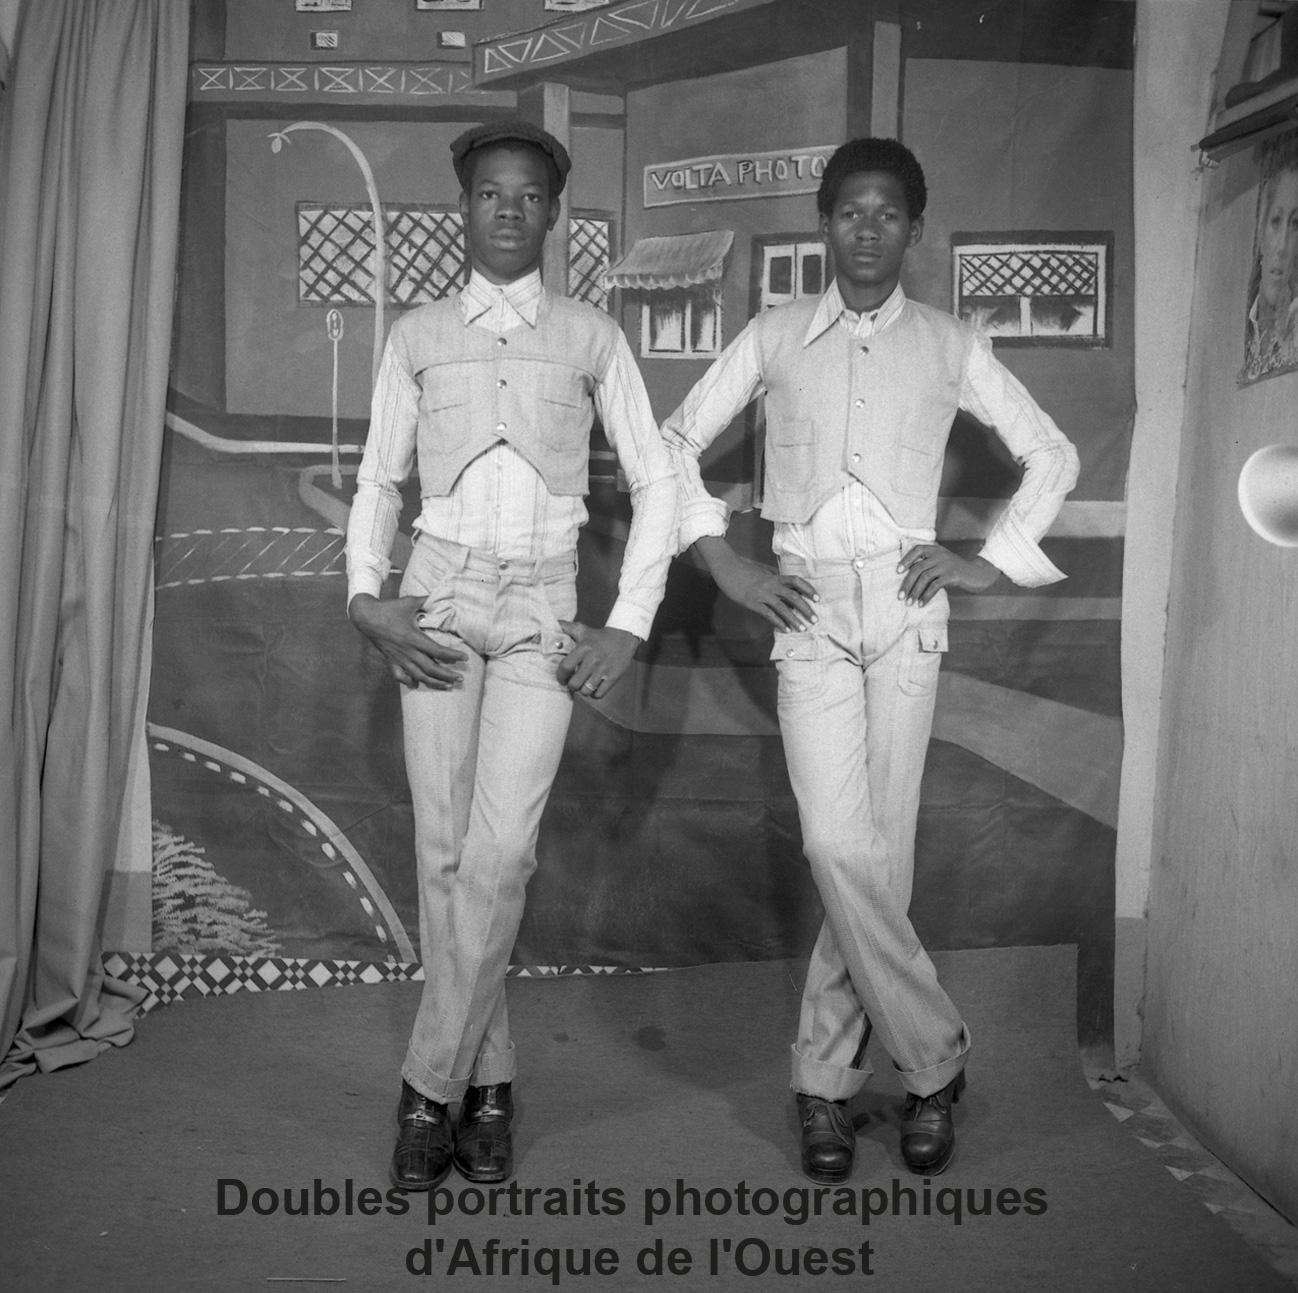 Doubles portraits d'Afrique - Africa Double Portraits